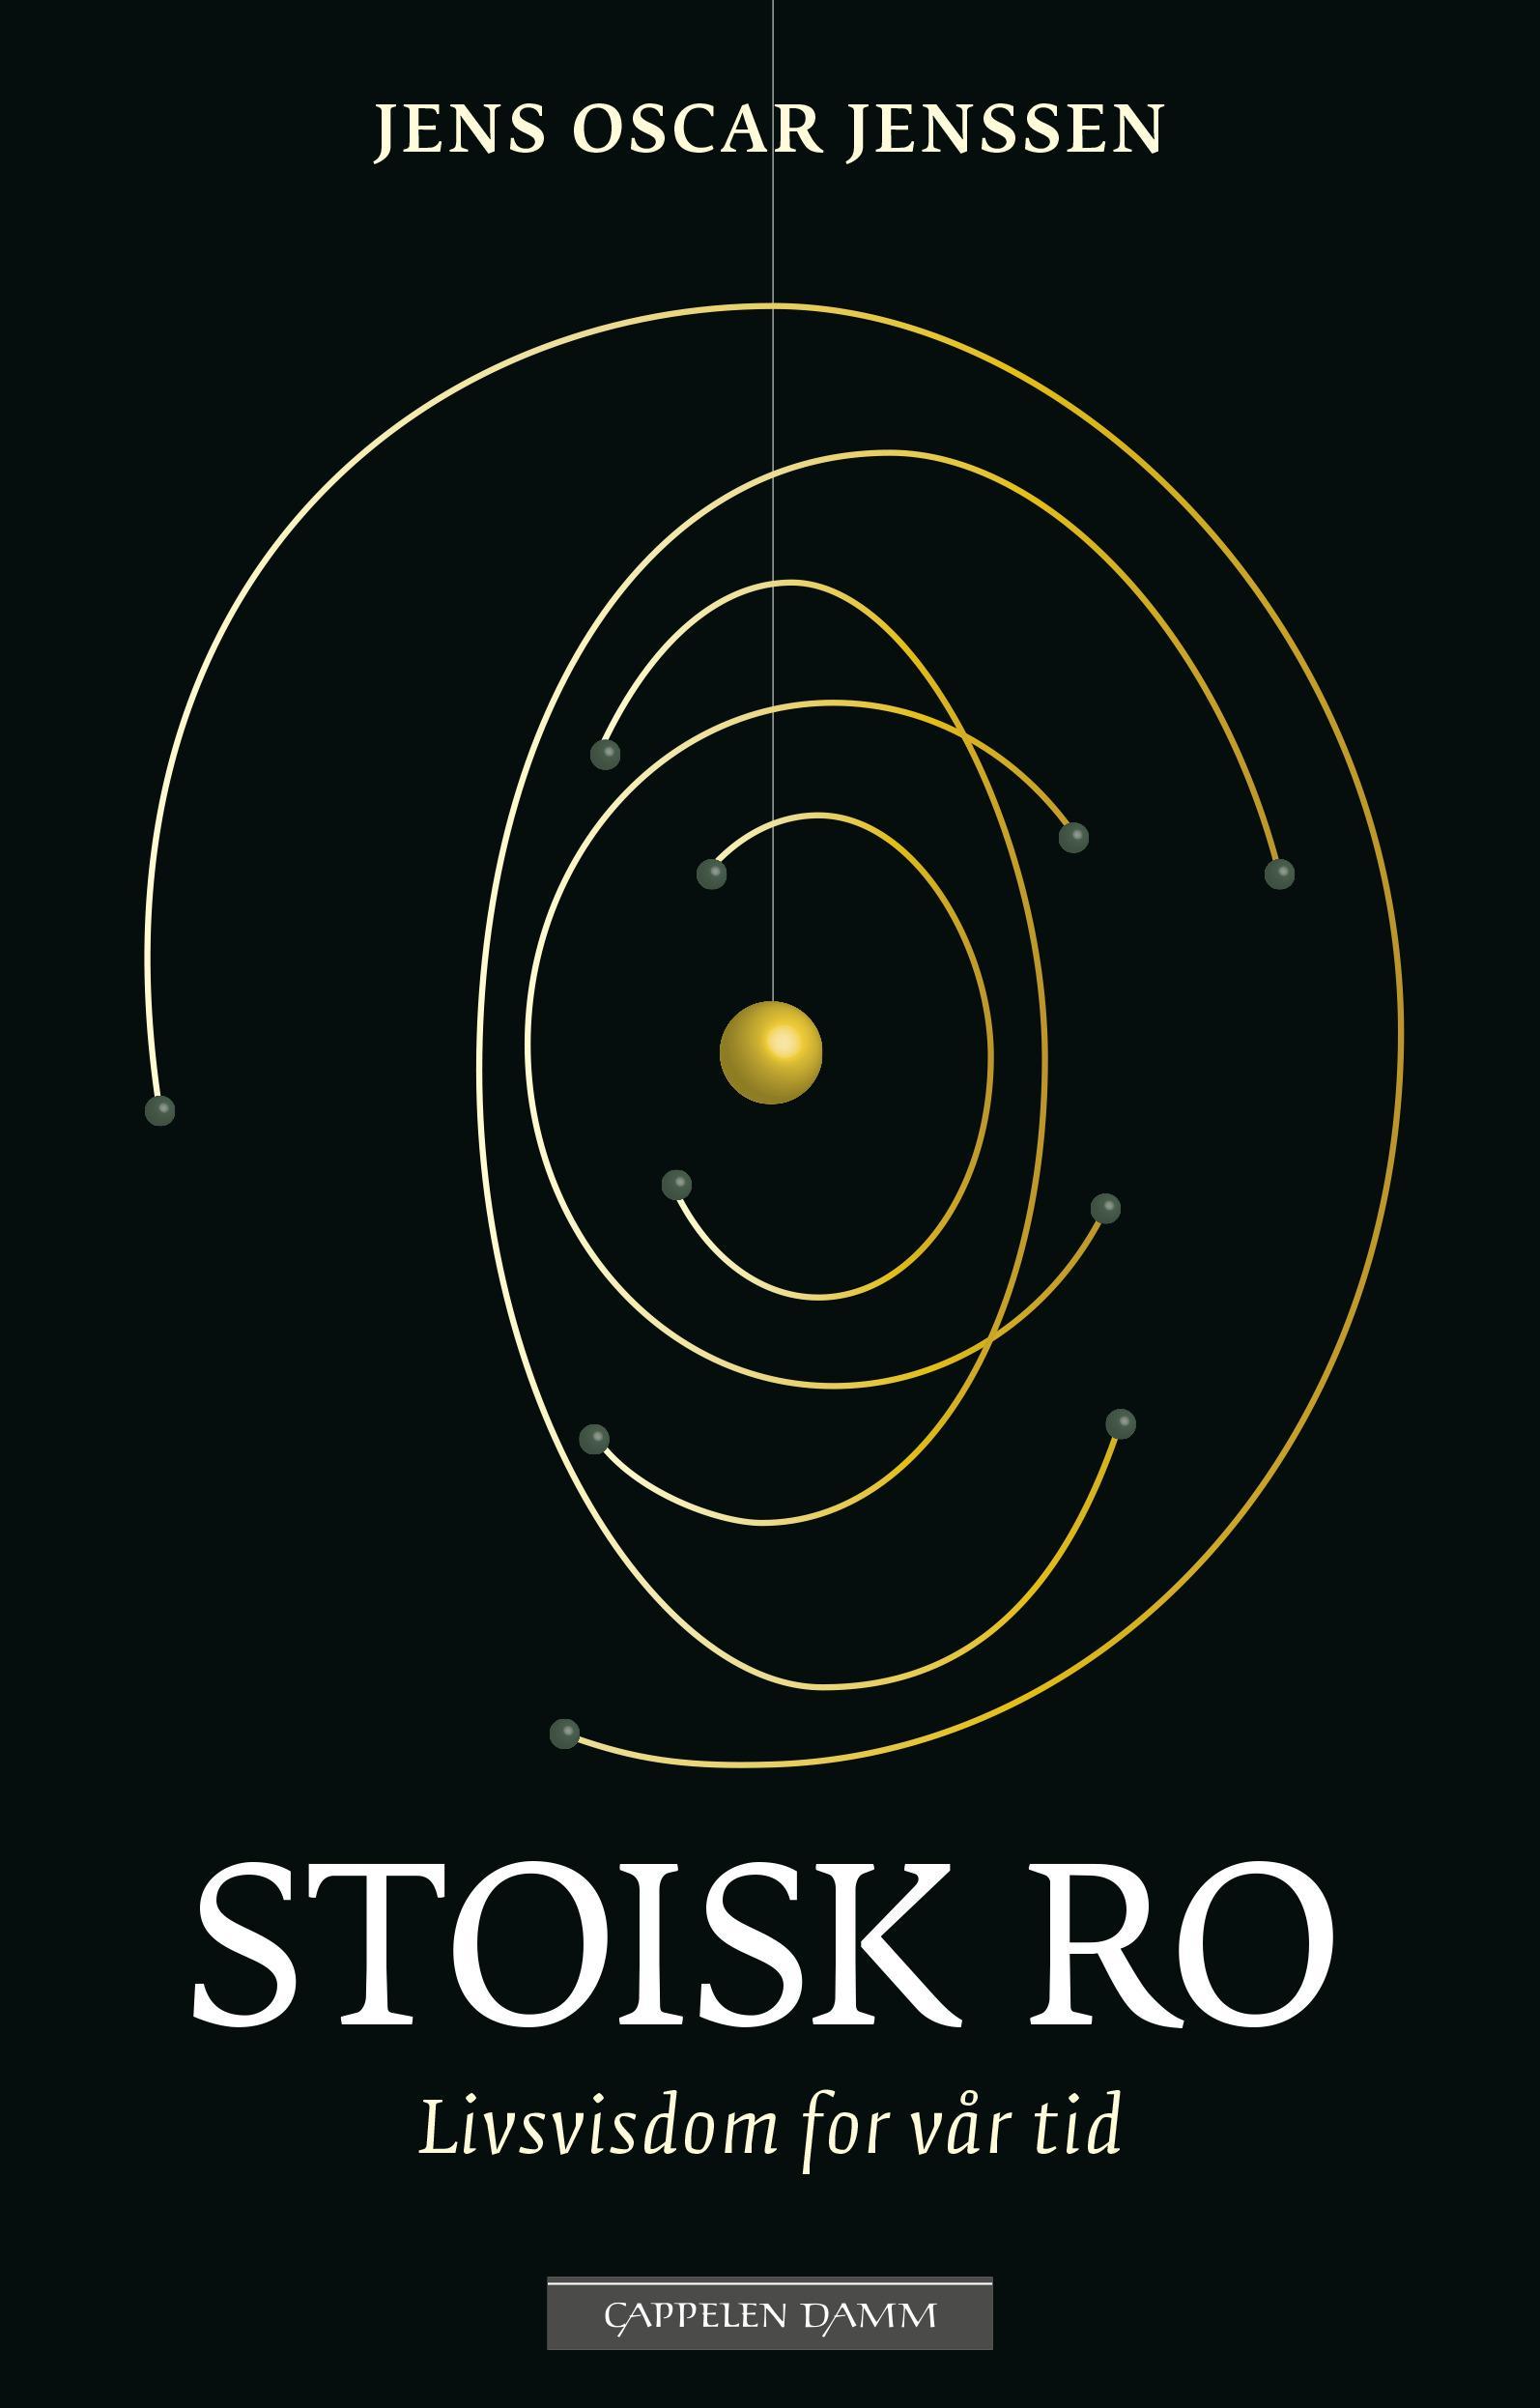 """""""Stoisk ro - livsvisdom for vår tid"""" av Jens Oscar Jenssen"""